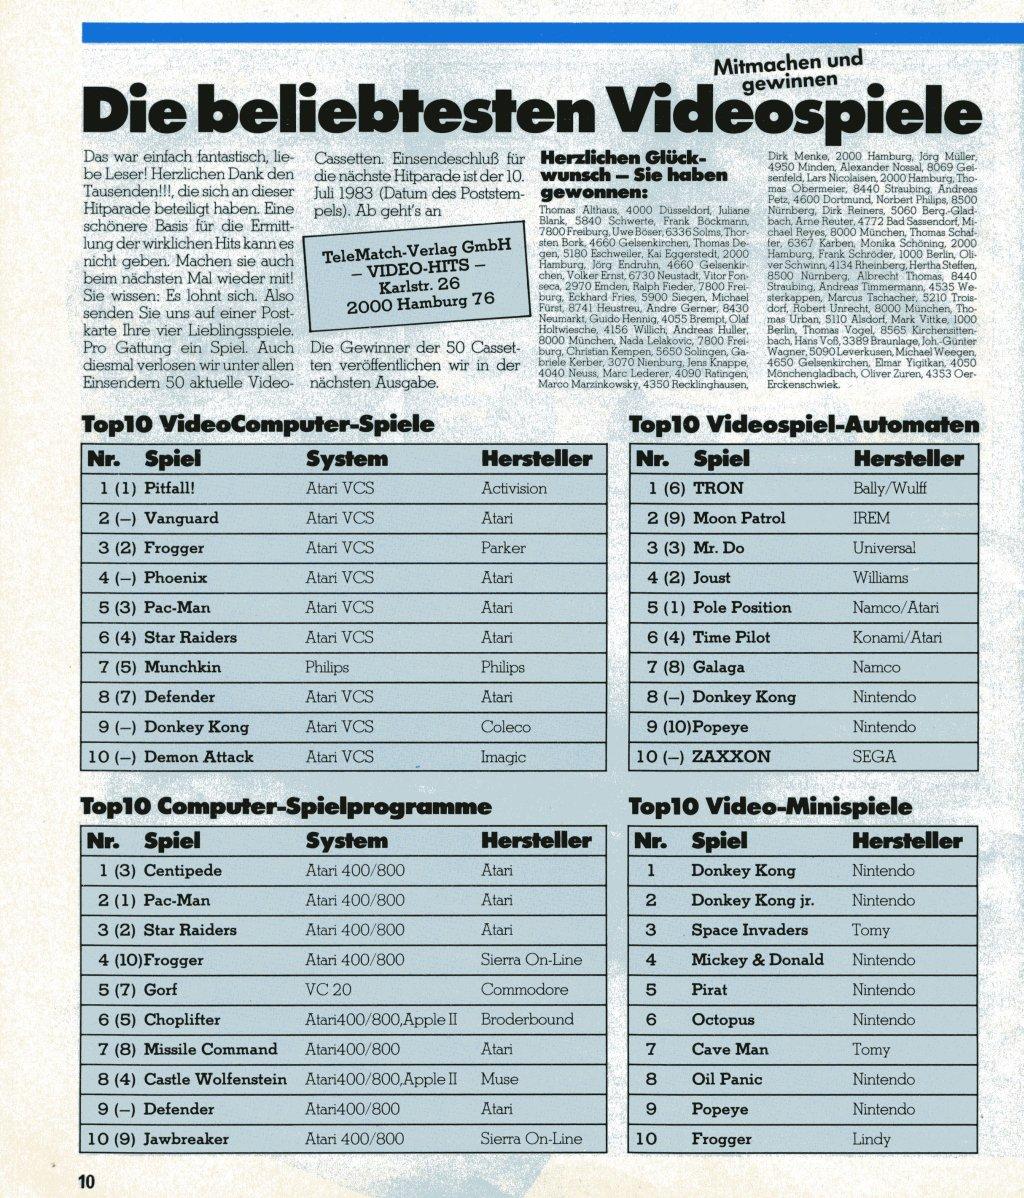 In der aktuellen Hitparade: Die beliebtesten Videospiele von 1983, wird deutlich, wie sehr Atari-Spiele den Konsolen- und Heimcomputermarkt dominierten. (Bild: M. Cavendish)